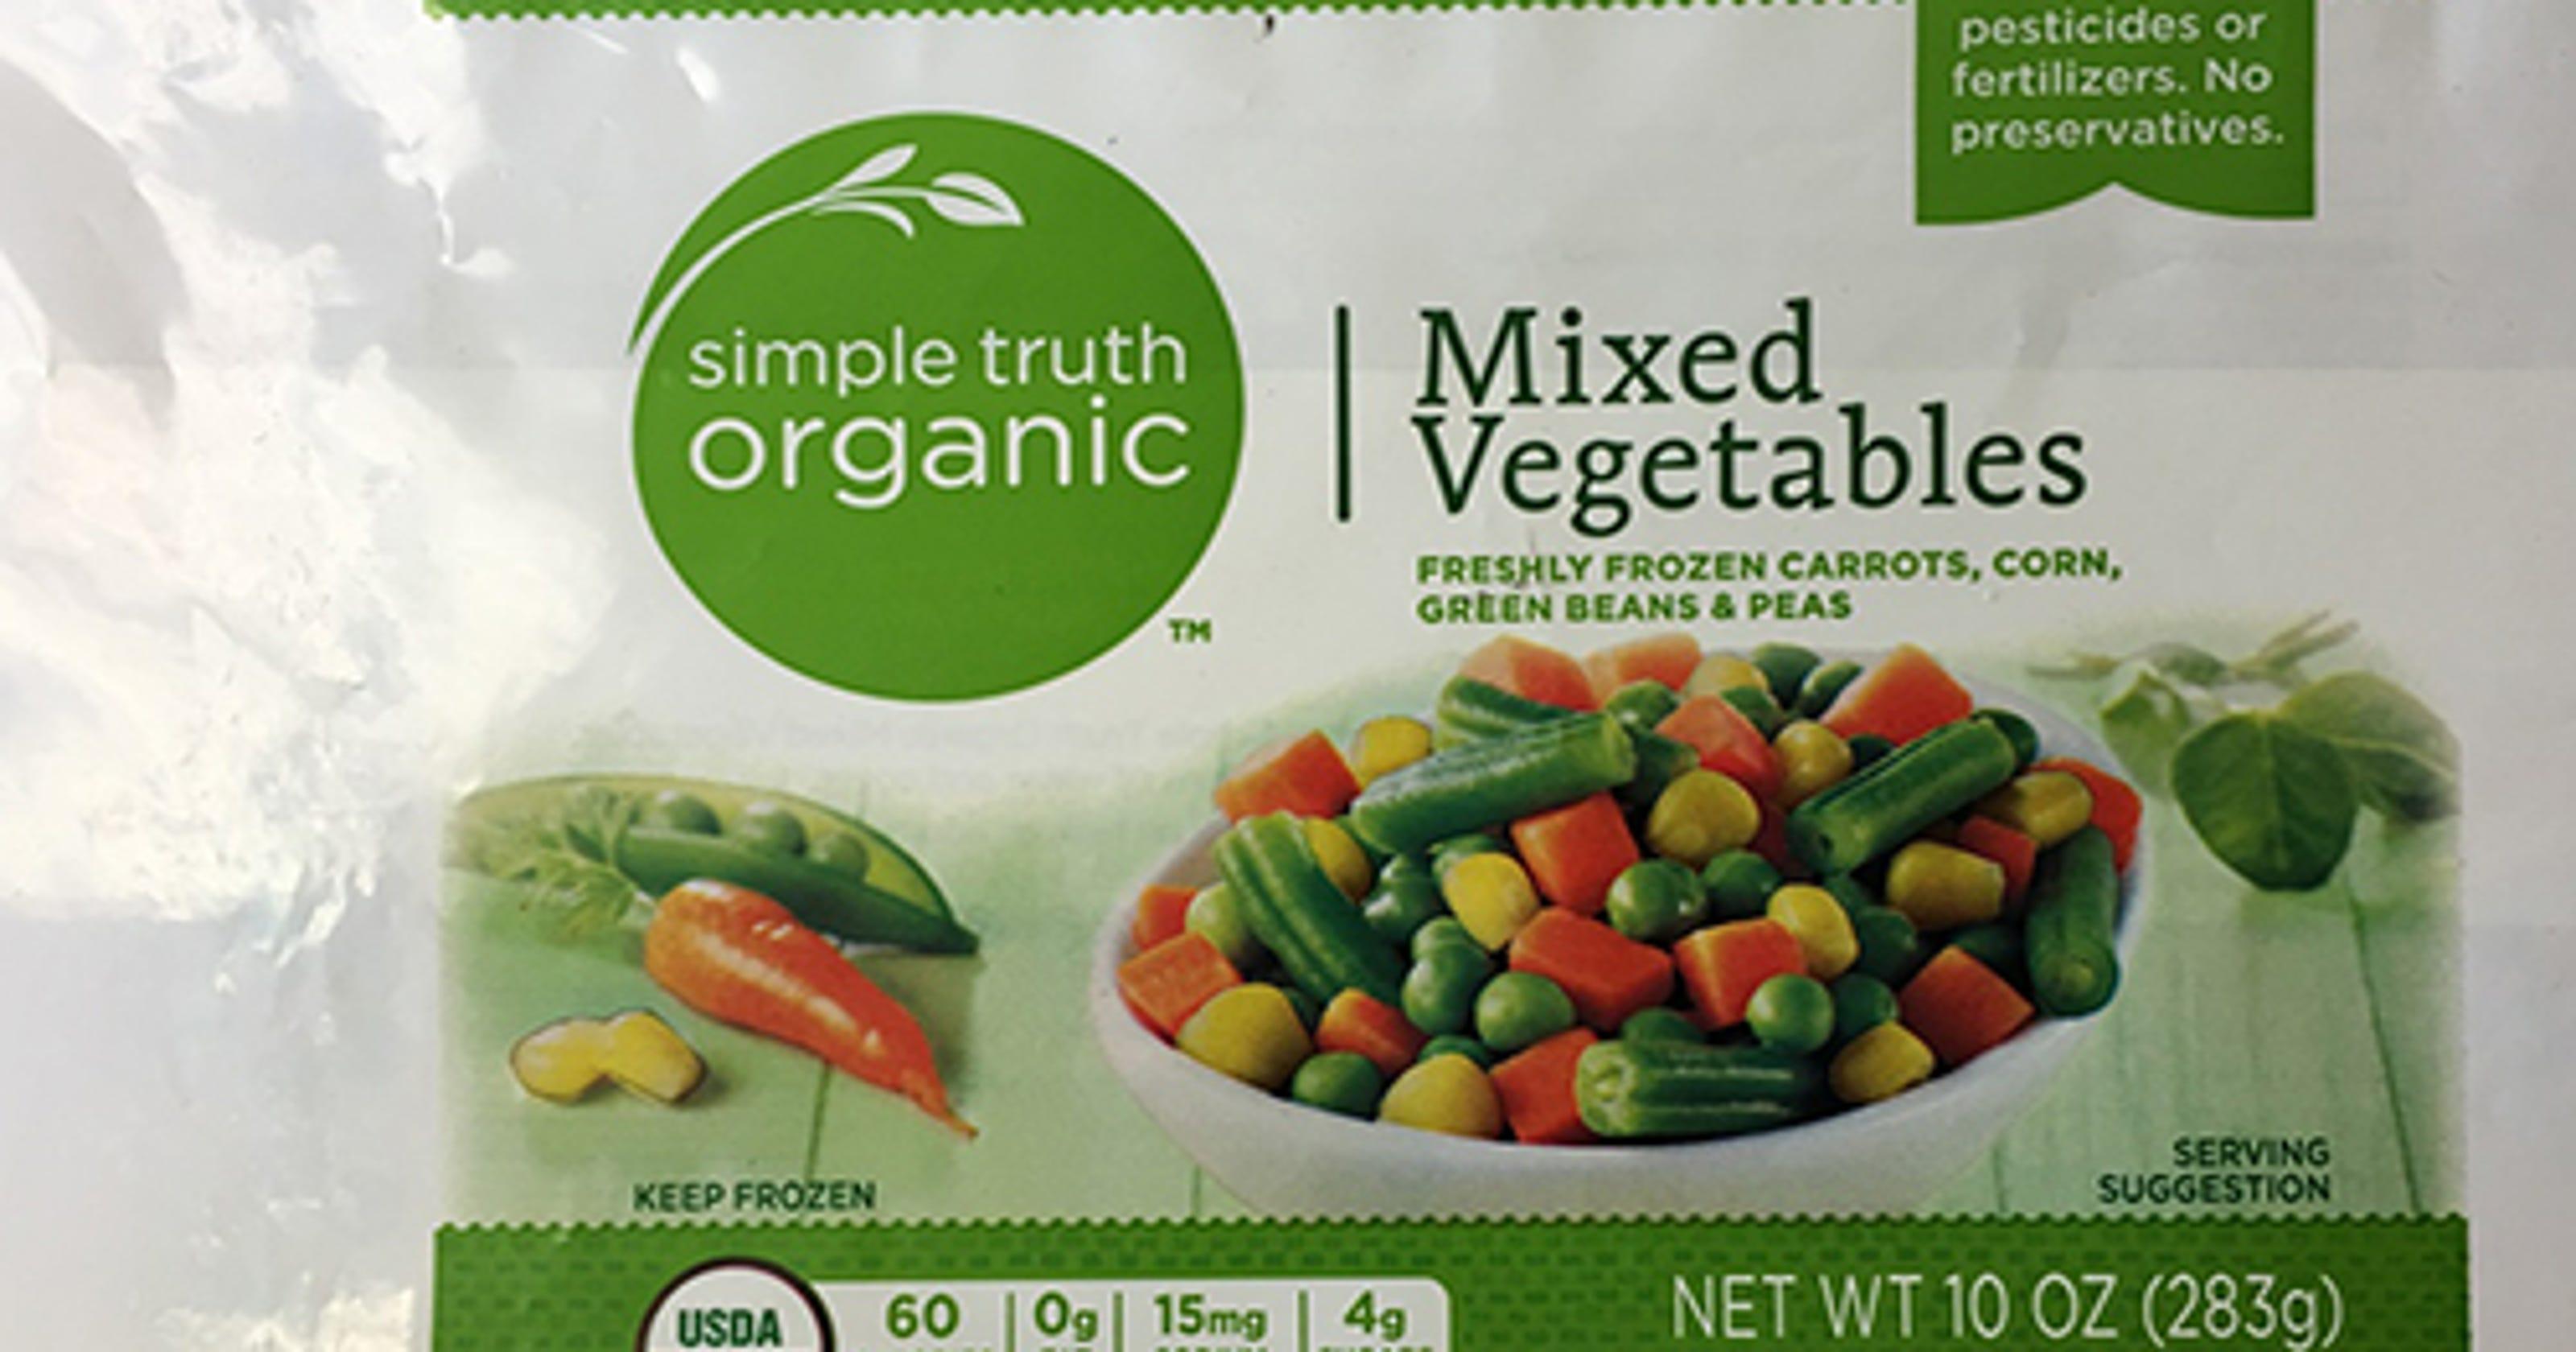 Kroger recalls mixed vegetables amid listeria concerns